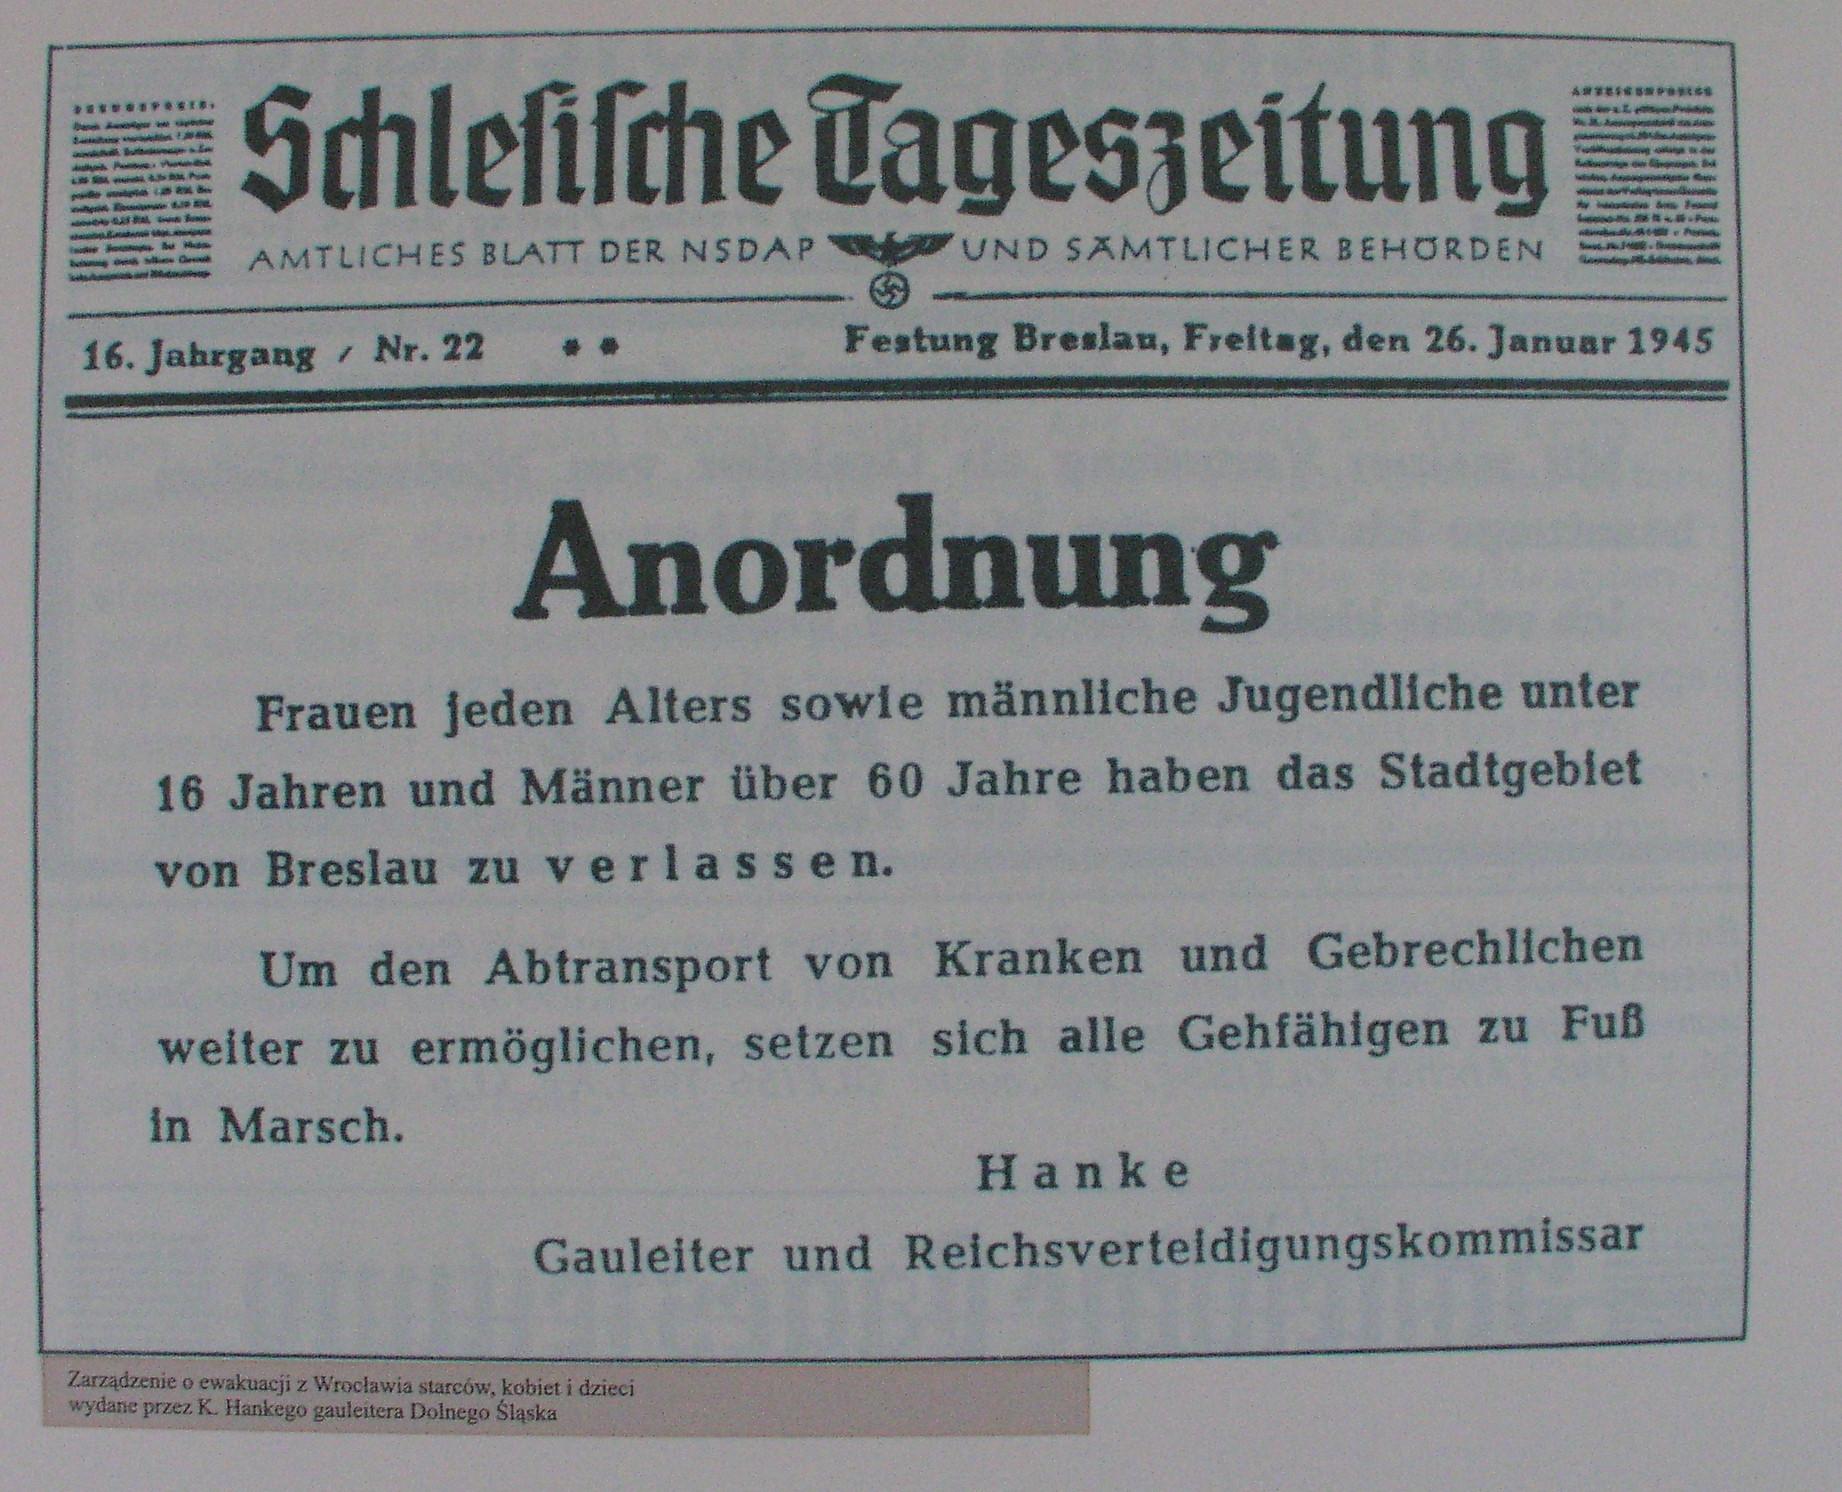 File:Schlesische tageszeitung anordnung 1945-01-26.JPG - Wikimedia ...